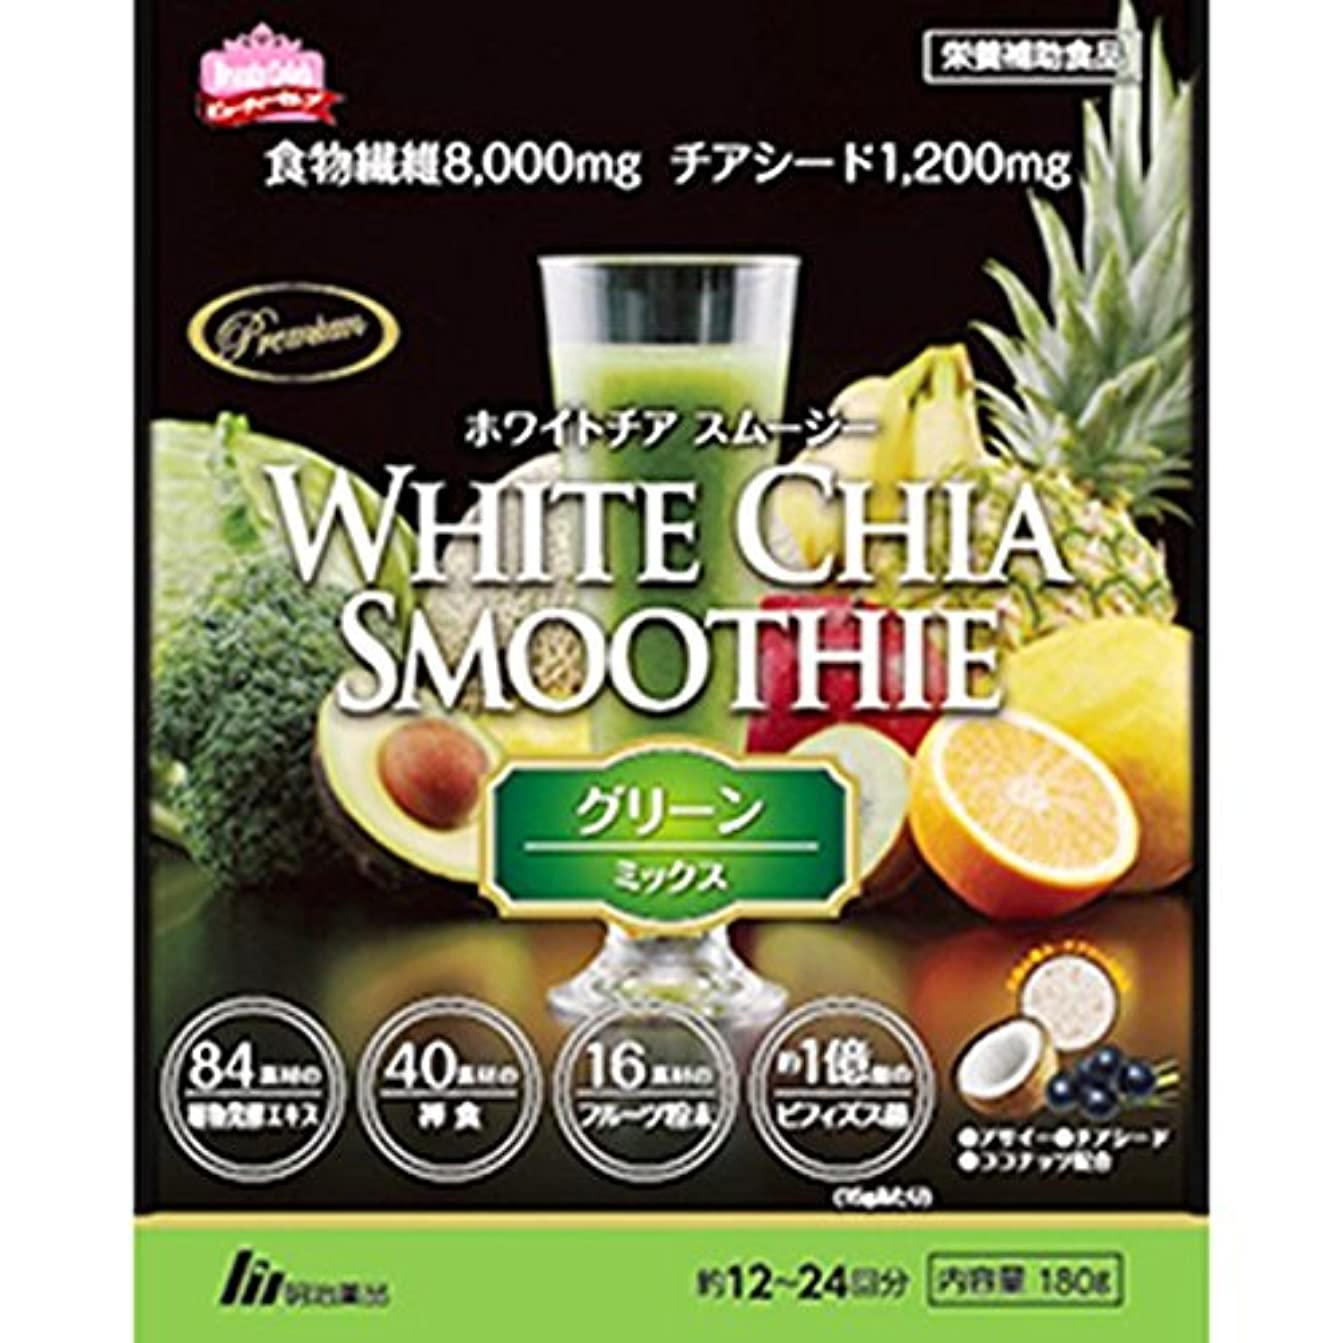 トラブル脈拍酸化物明治薬品 ホワイトチアスムージー グリーンミックス 180g